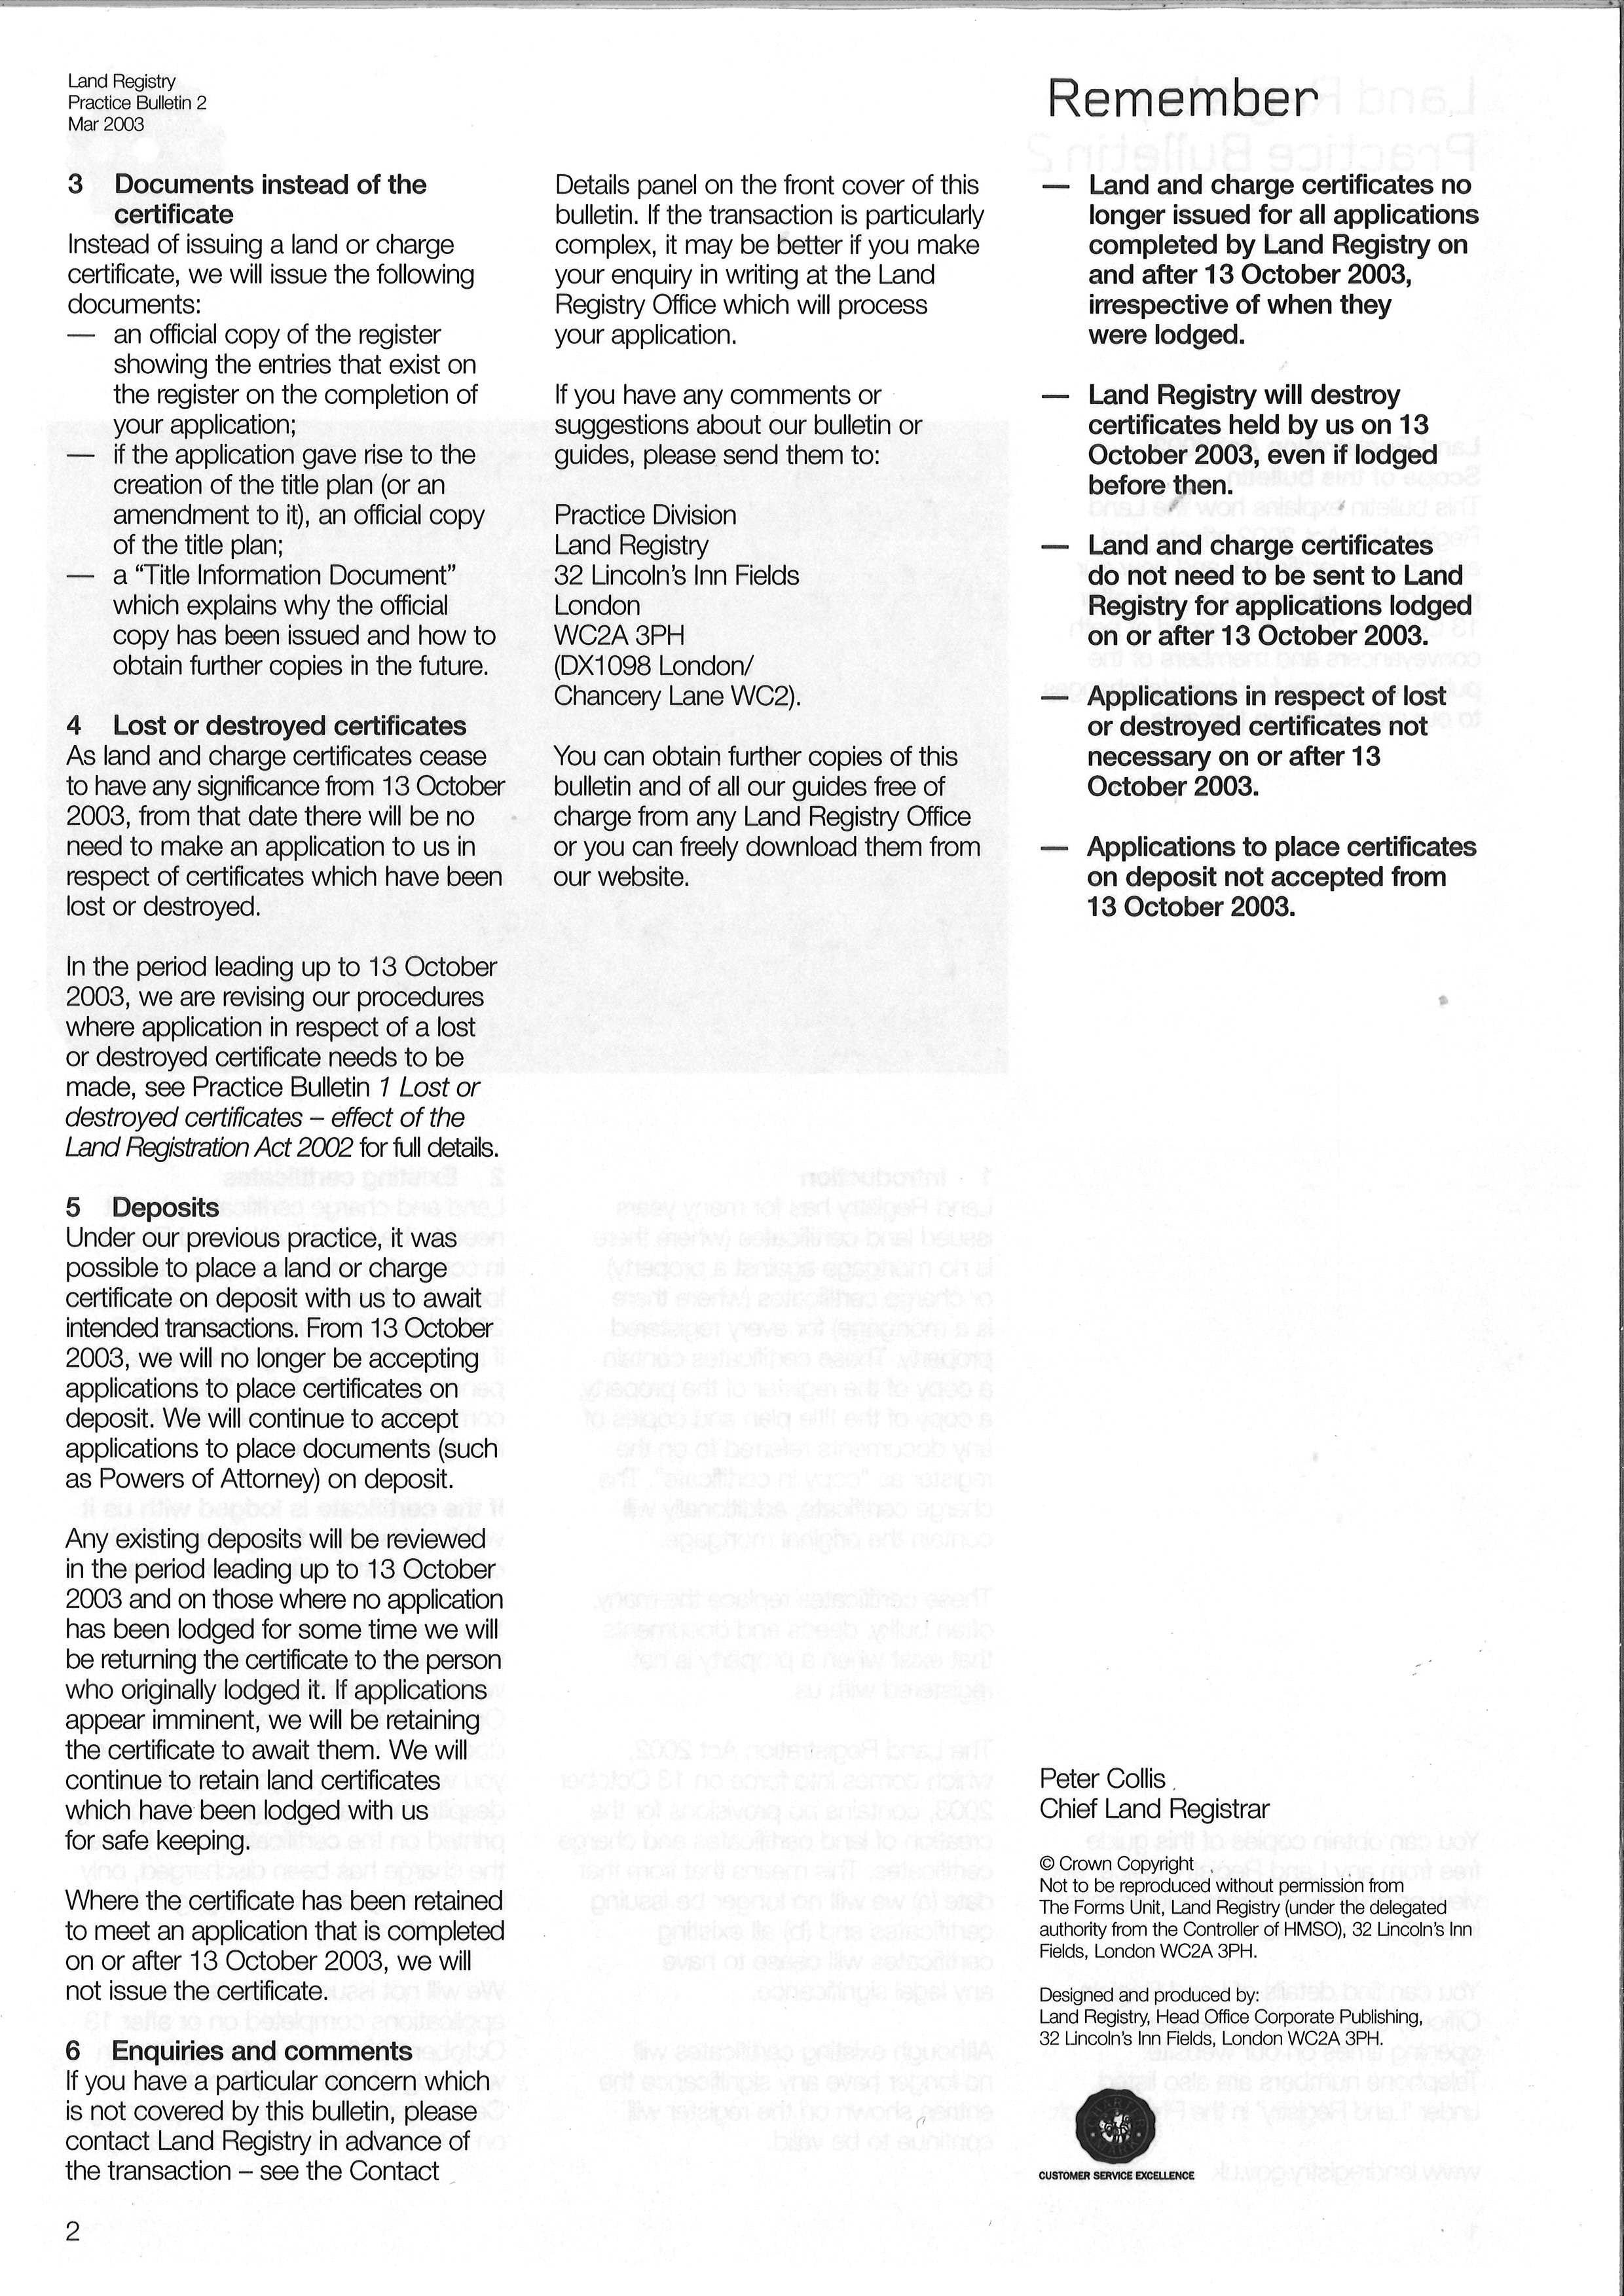 Land registry certificate of deeds coats of arms of birkenhead 12m download xflitez Images